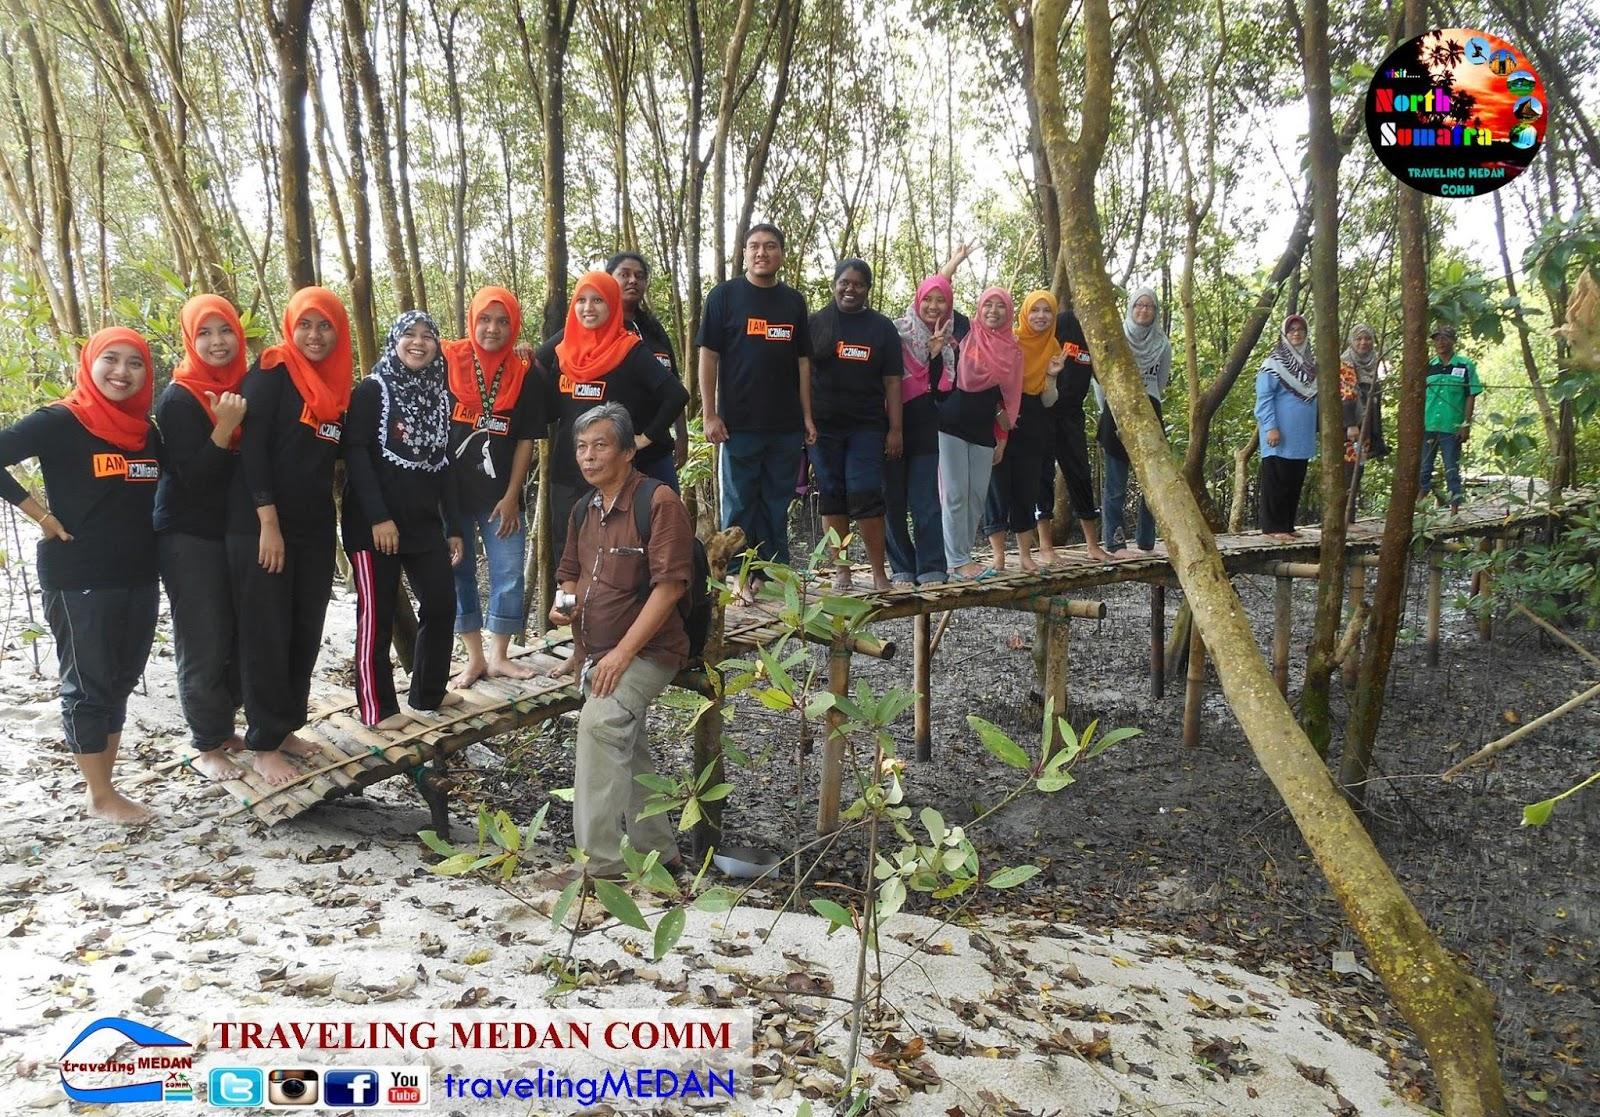 Tempat Wisata Deli Serdang Traveling Medan Comm Desa Durian Sirugun